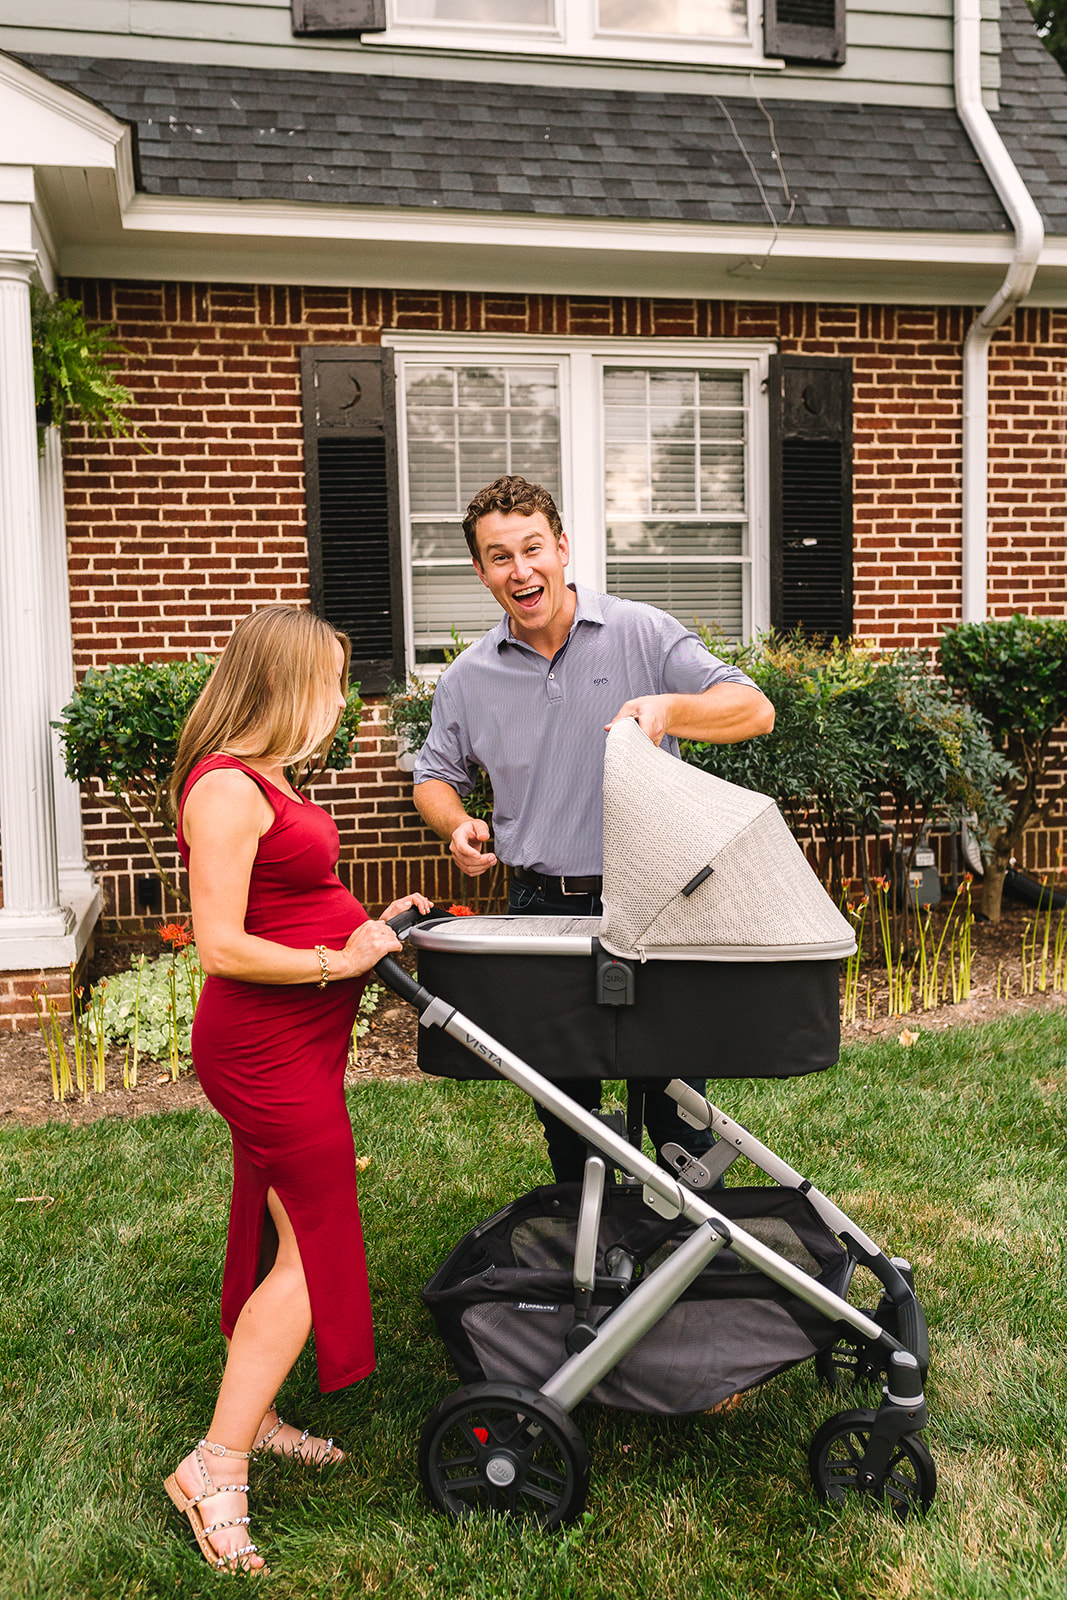 Our Baby Registry Must Haves   UppaBaby Vista V2 Stroller with Bassinet + Jogging Stroller